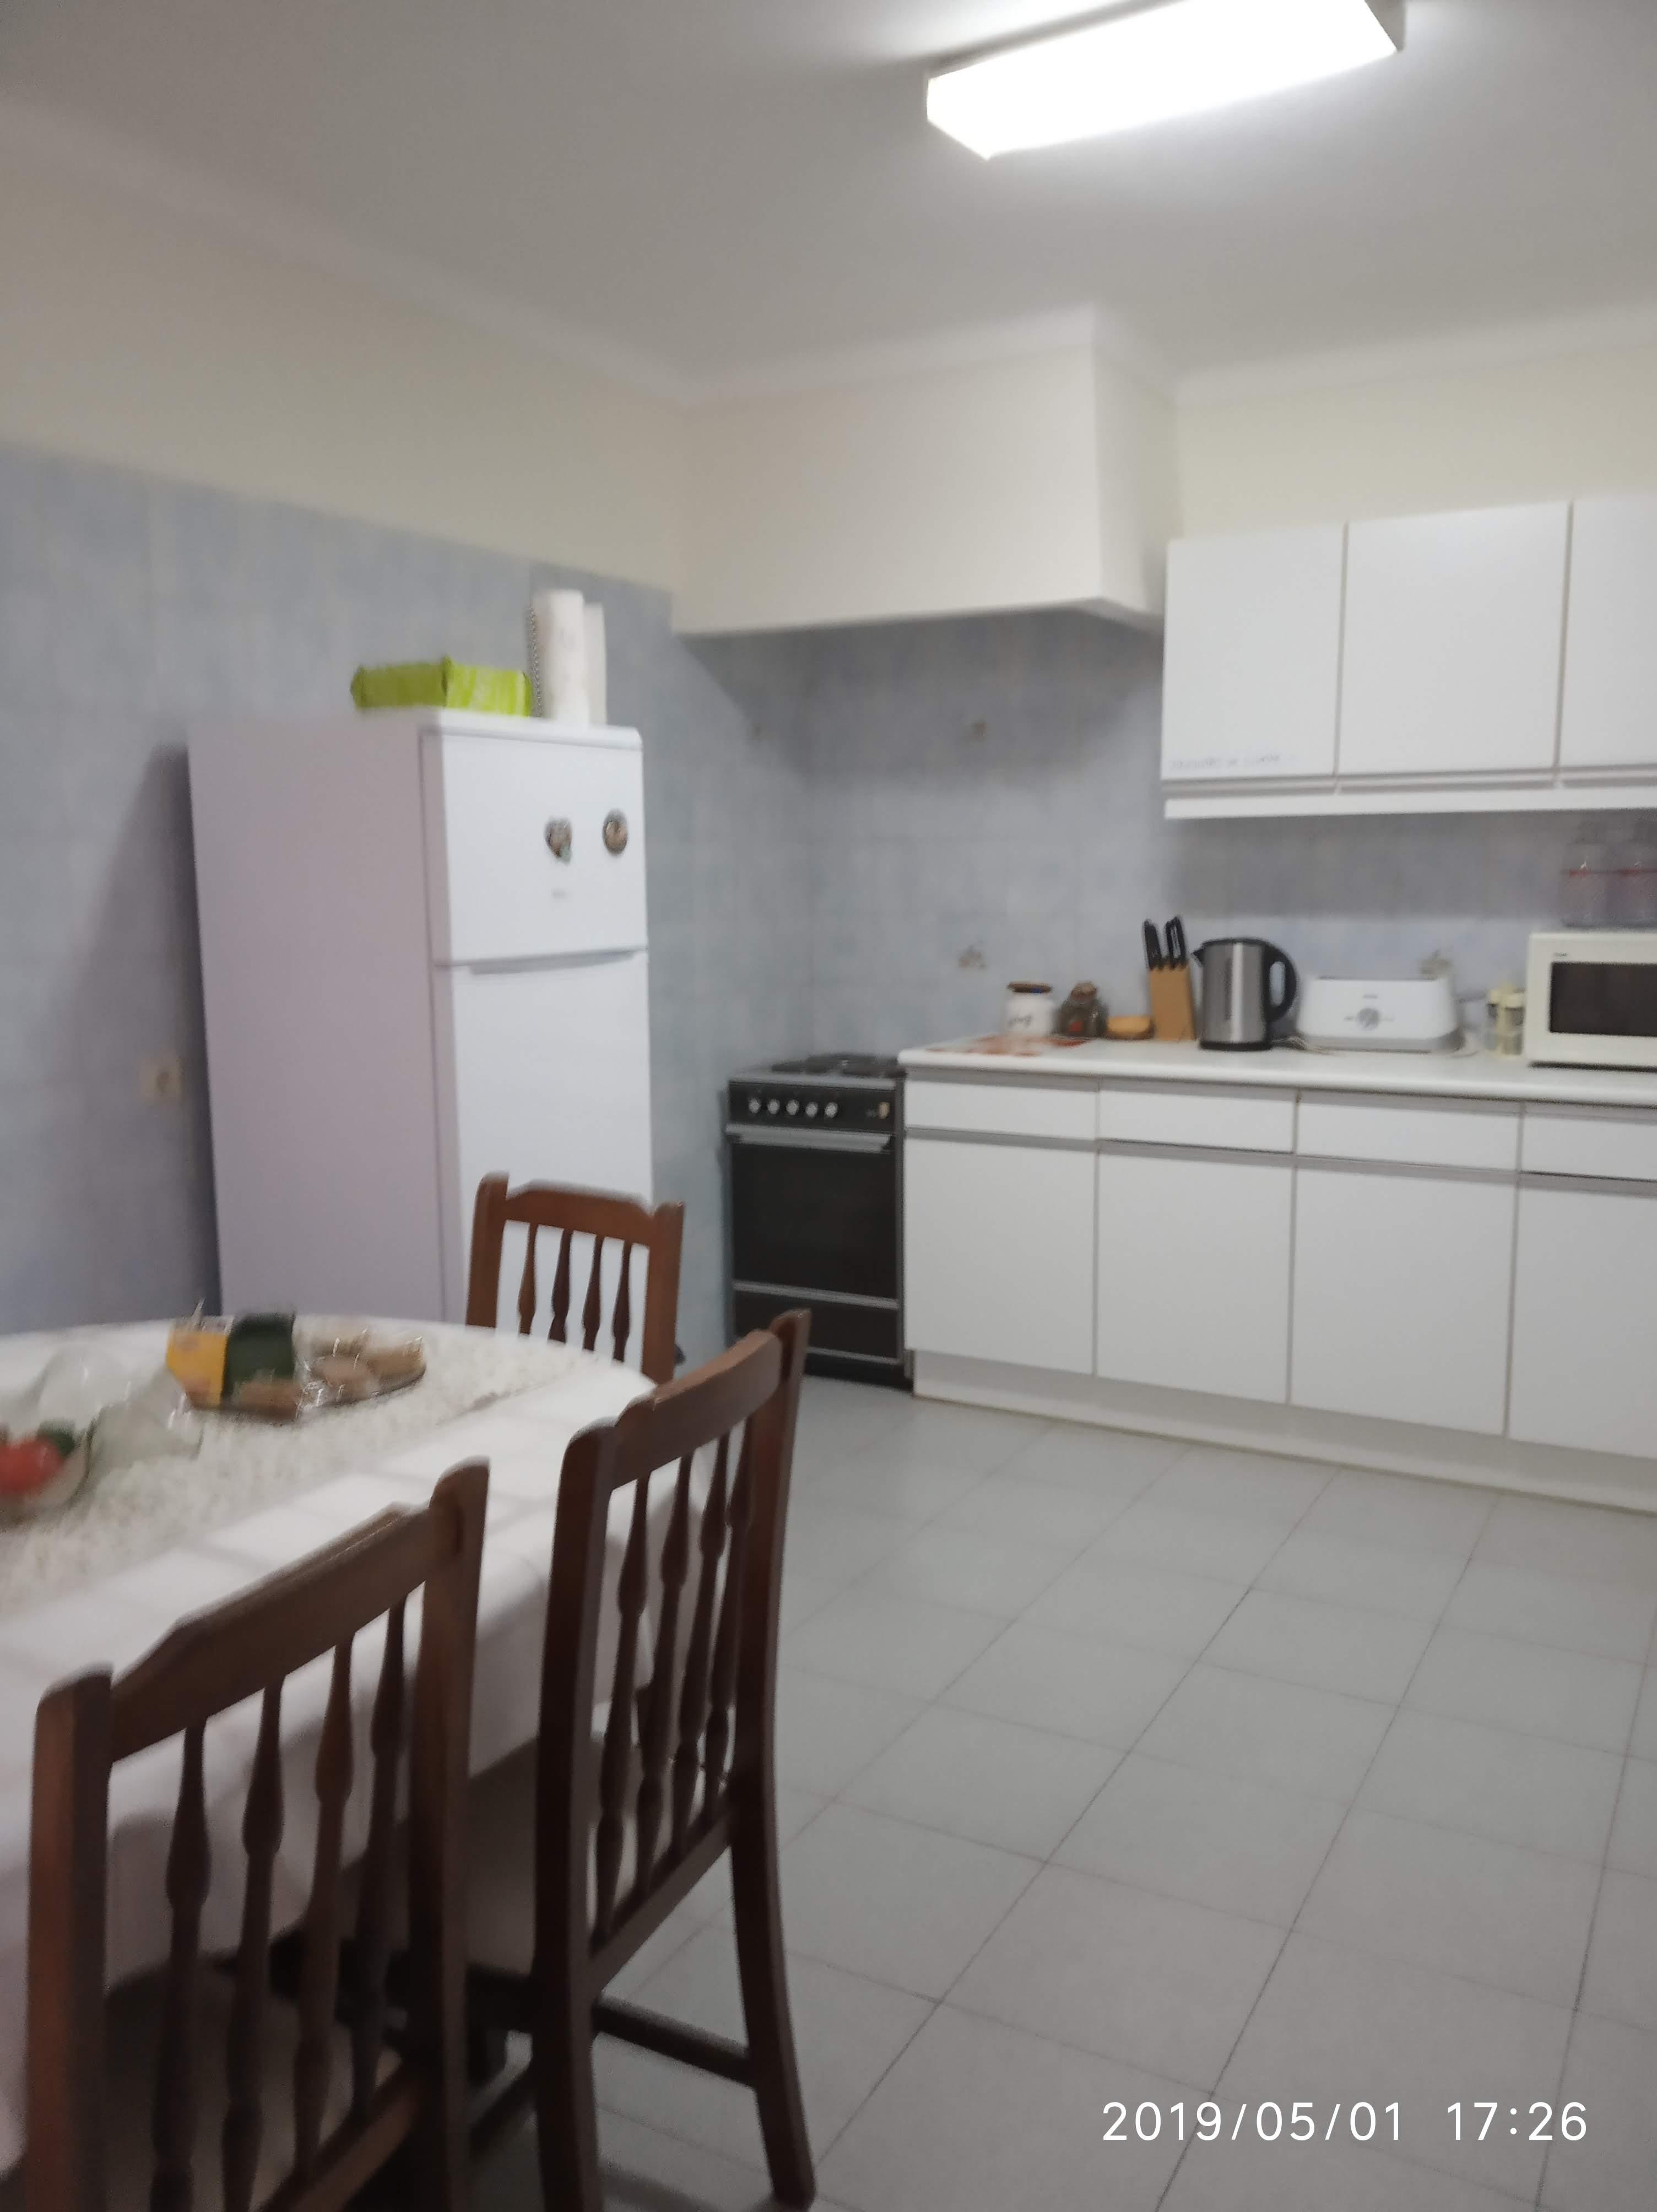 Location appartements et villas de vacance, Apartamento Mar-Colina-Sol à Carvoeiro, Portugal Algarve, REF_IMG_12968_13003